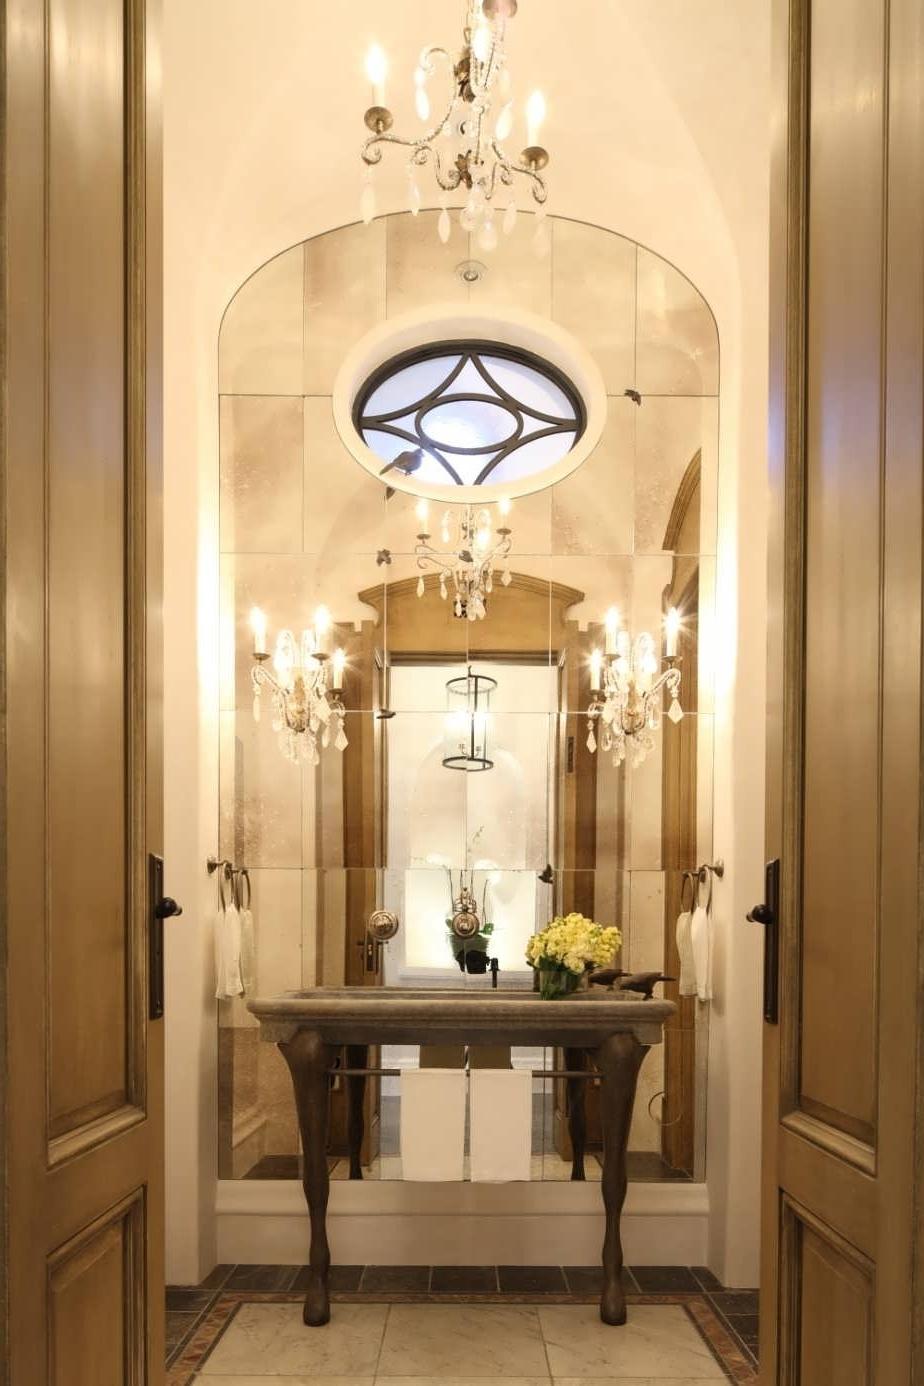 Most Recent Crystal Chandelier Bathroom Lighting With Regard To Chandeliers Design : Marvelous Dinning Bathroom Chandeliers Crystal (View 16 of 20)